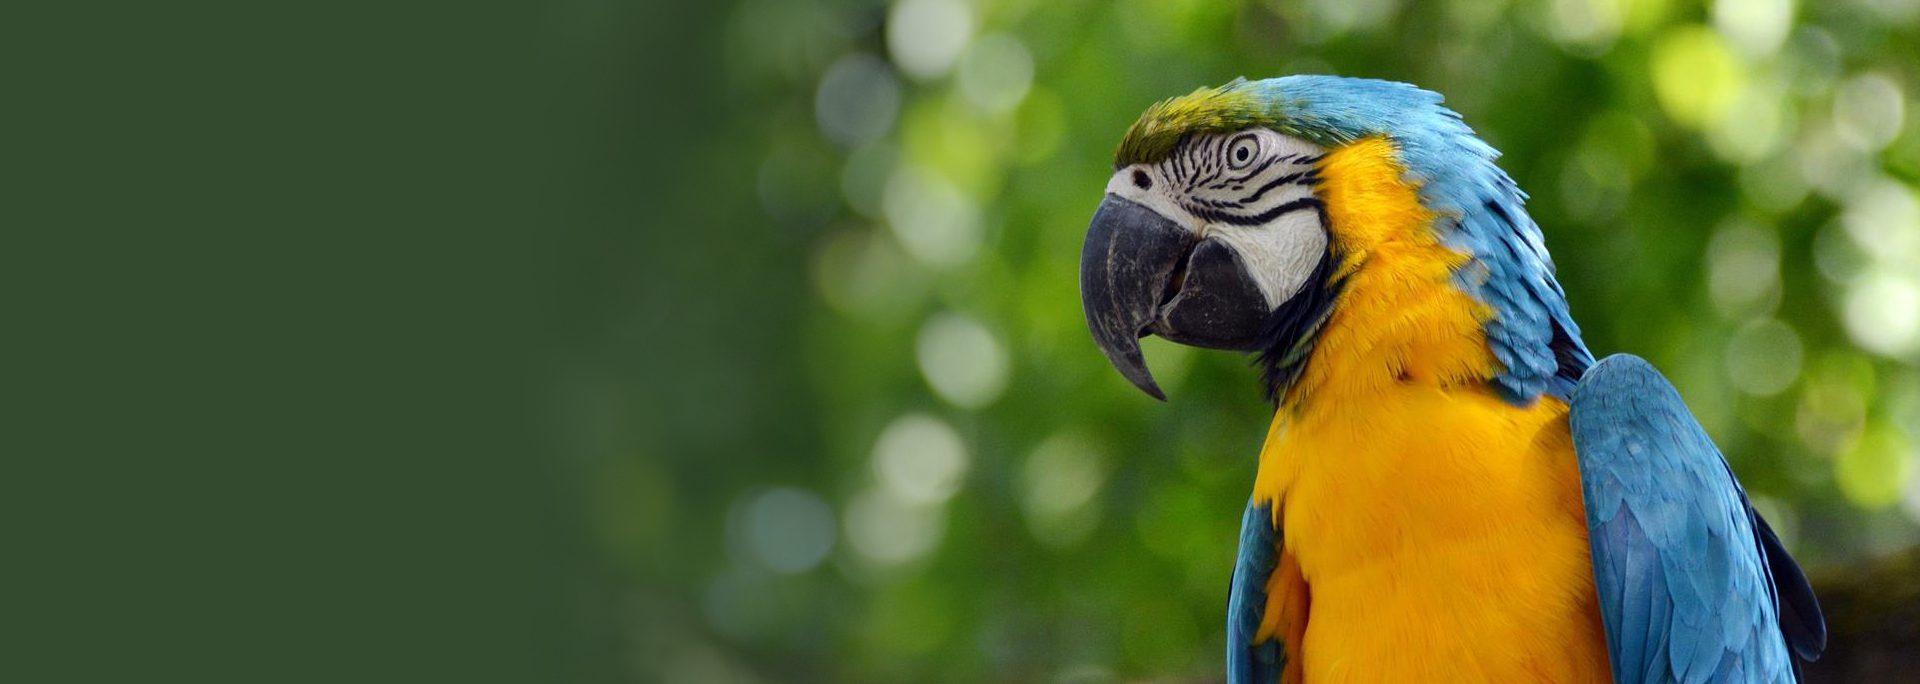 La volière des perroquets : prévue courant printemps 2018